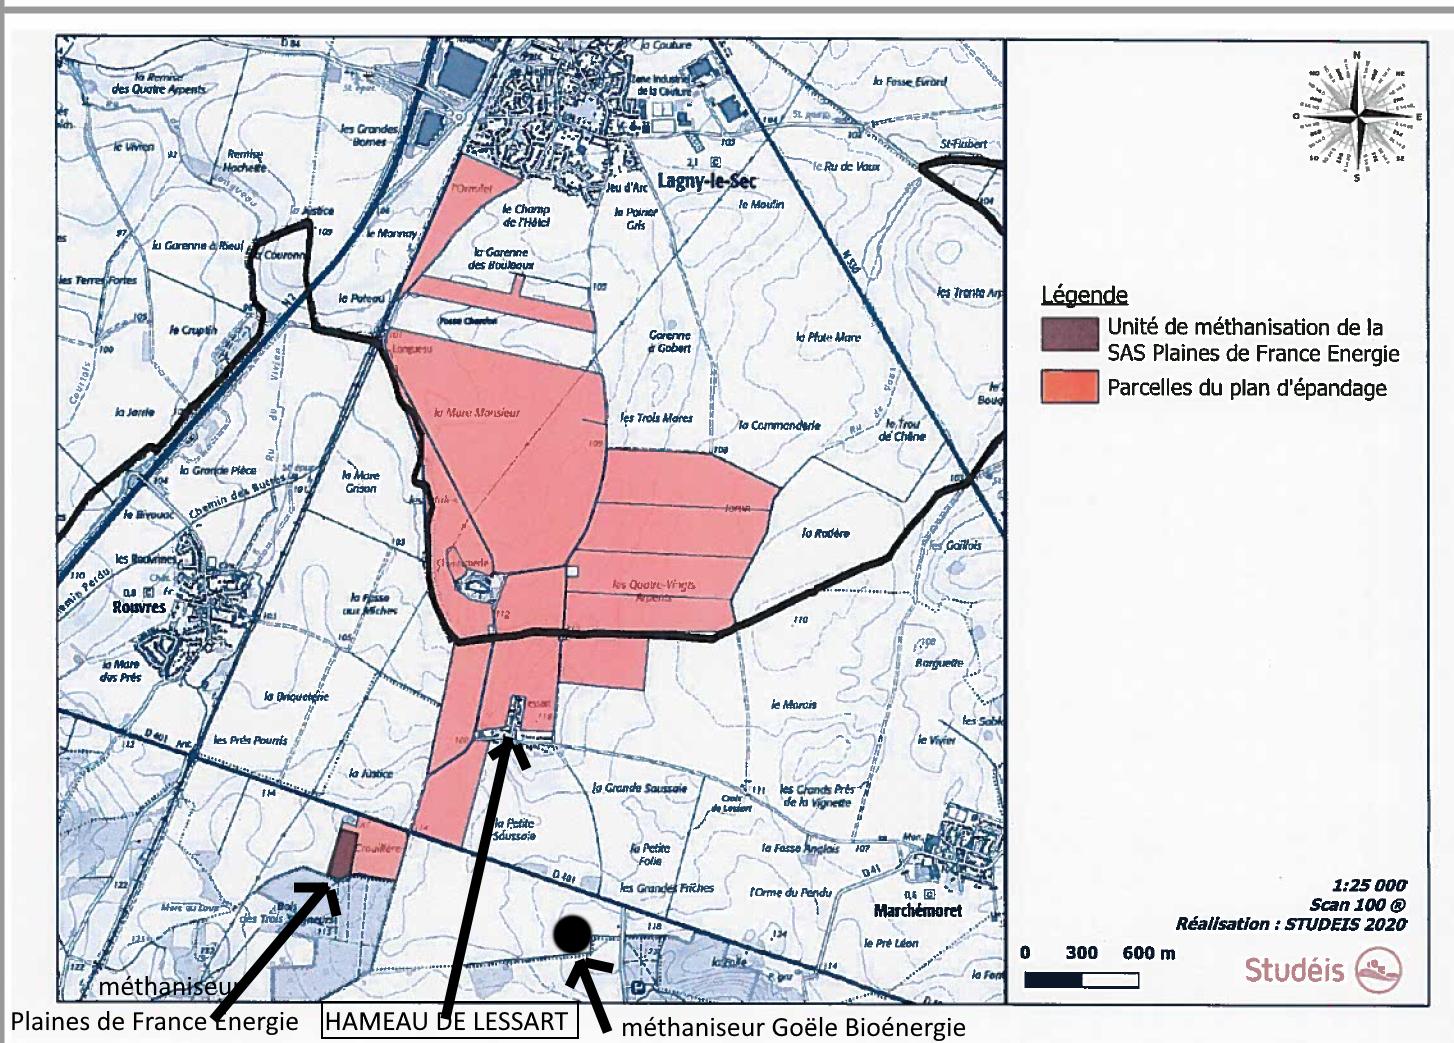 Carte présentée à la préfecture dans le dossier cas par cas, complétée par Adenca aux endroits marqués d'une flèche